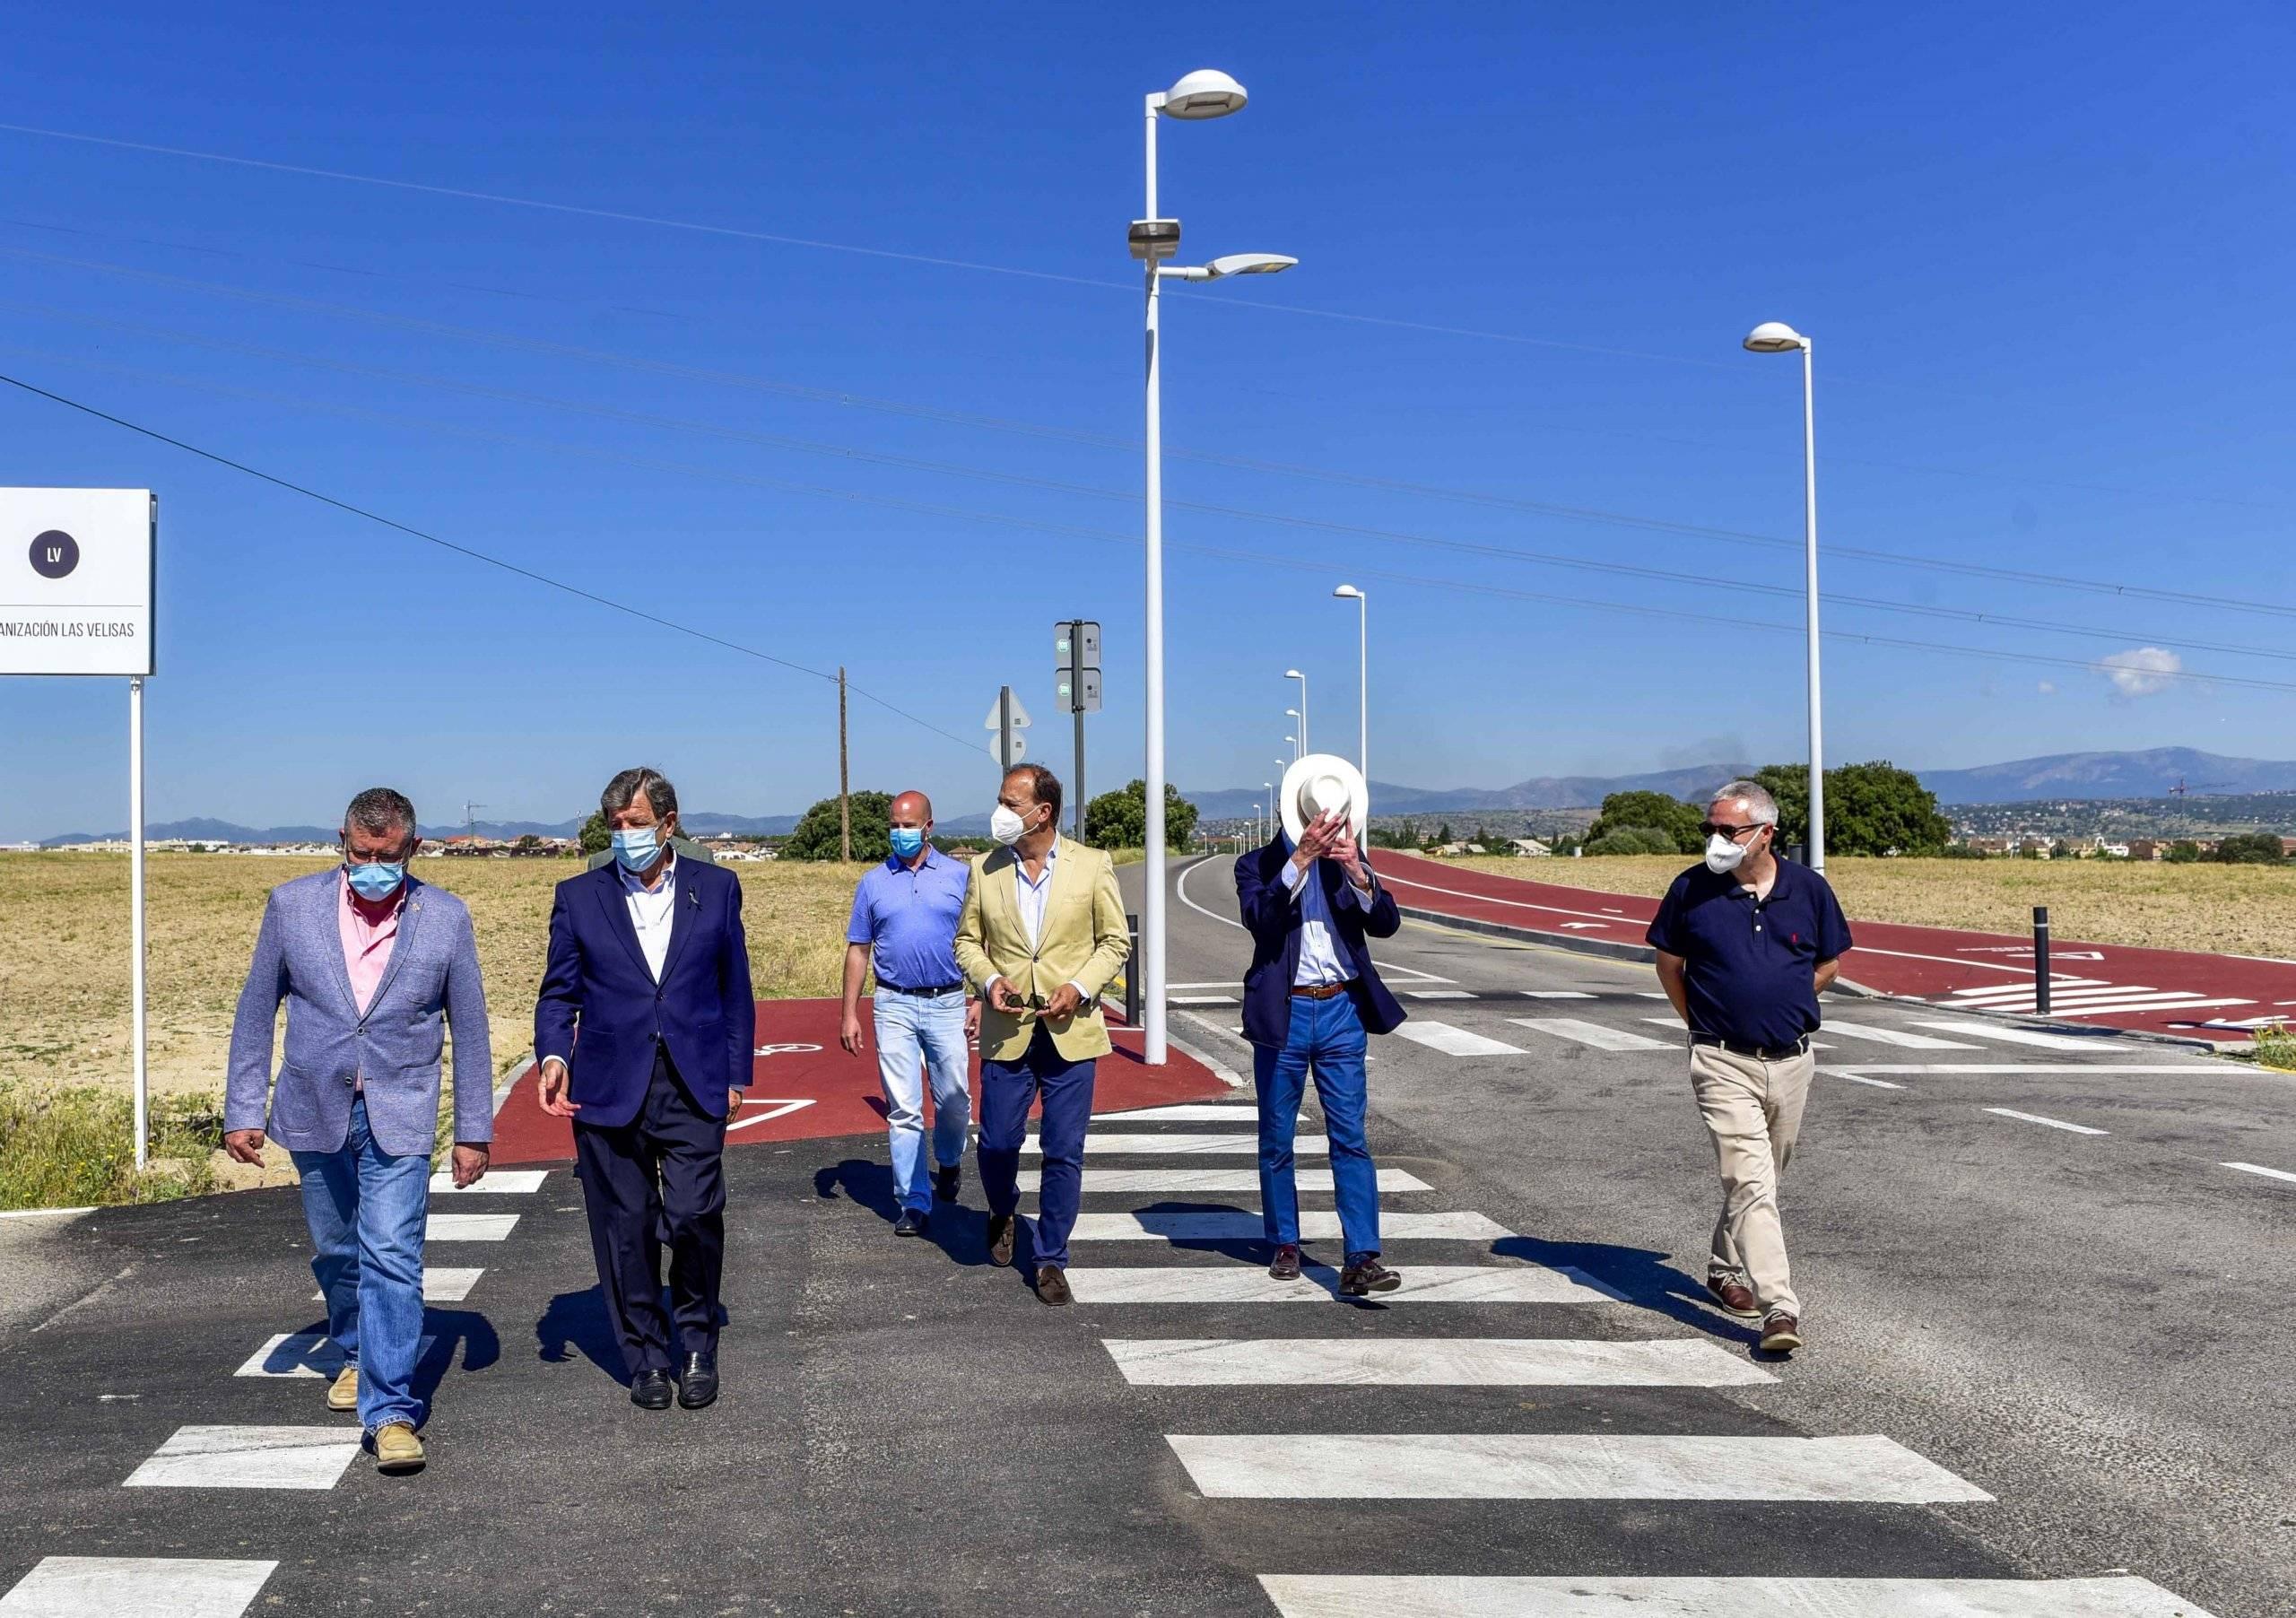 Los regidores acompañados por el concejal de Obras villanovense, Enrique Serrano, el director de la obra, Francisco García Miguel, y responsables de la empresa Construcciones Pérez Egea.